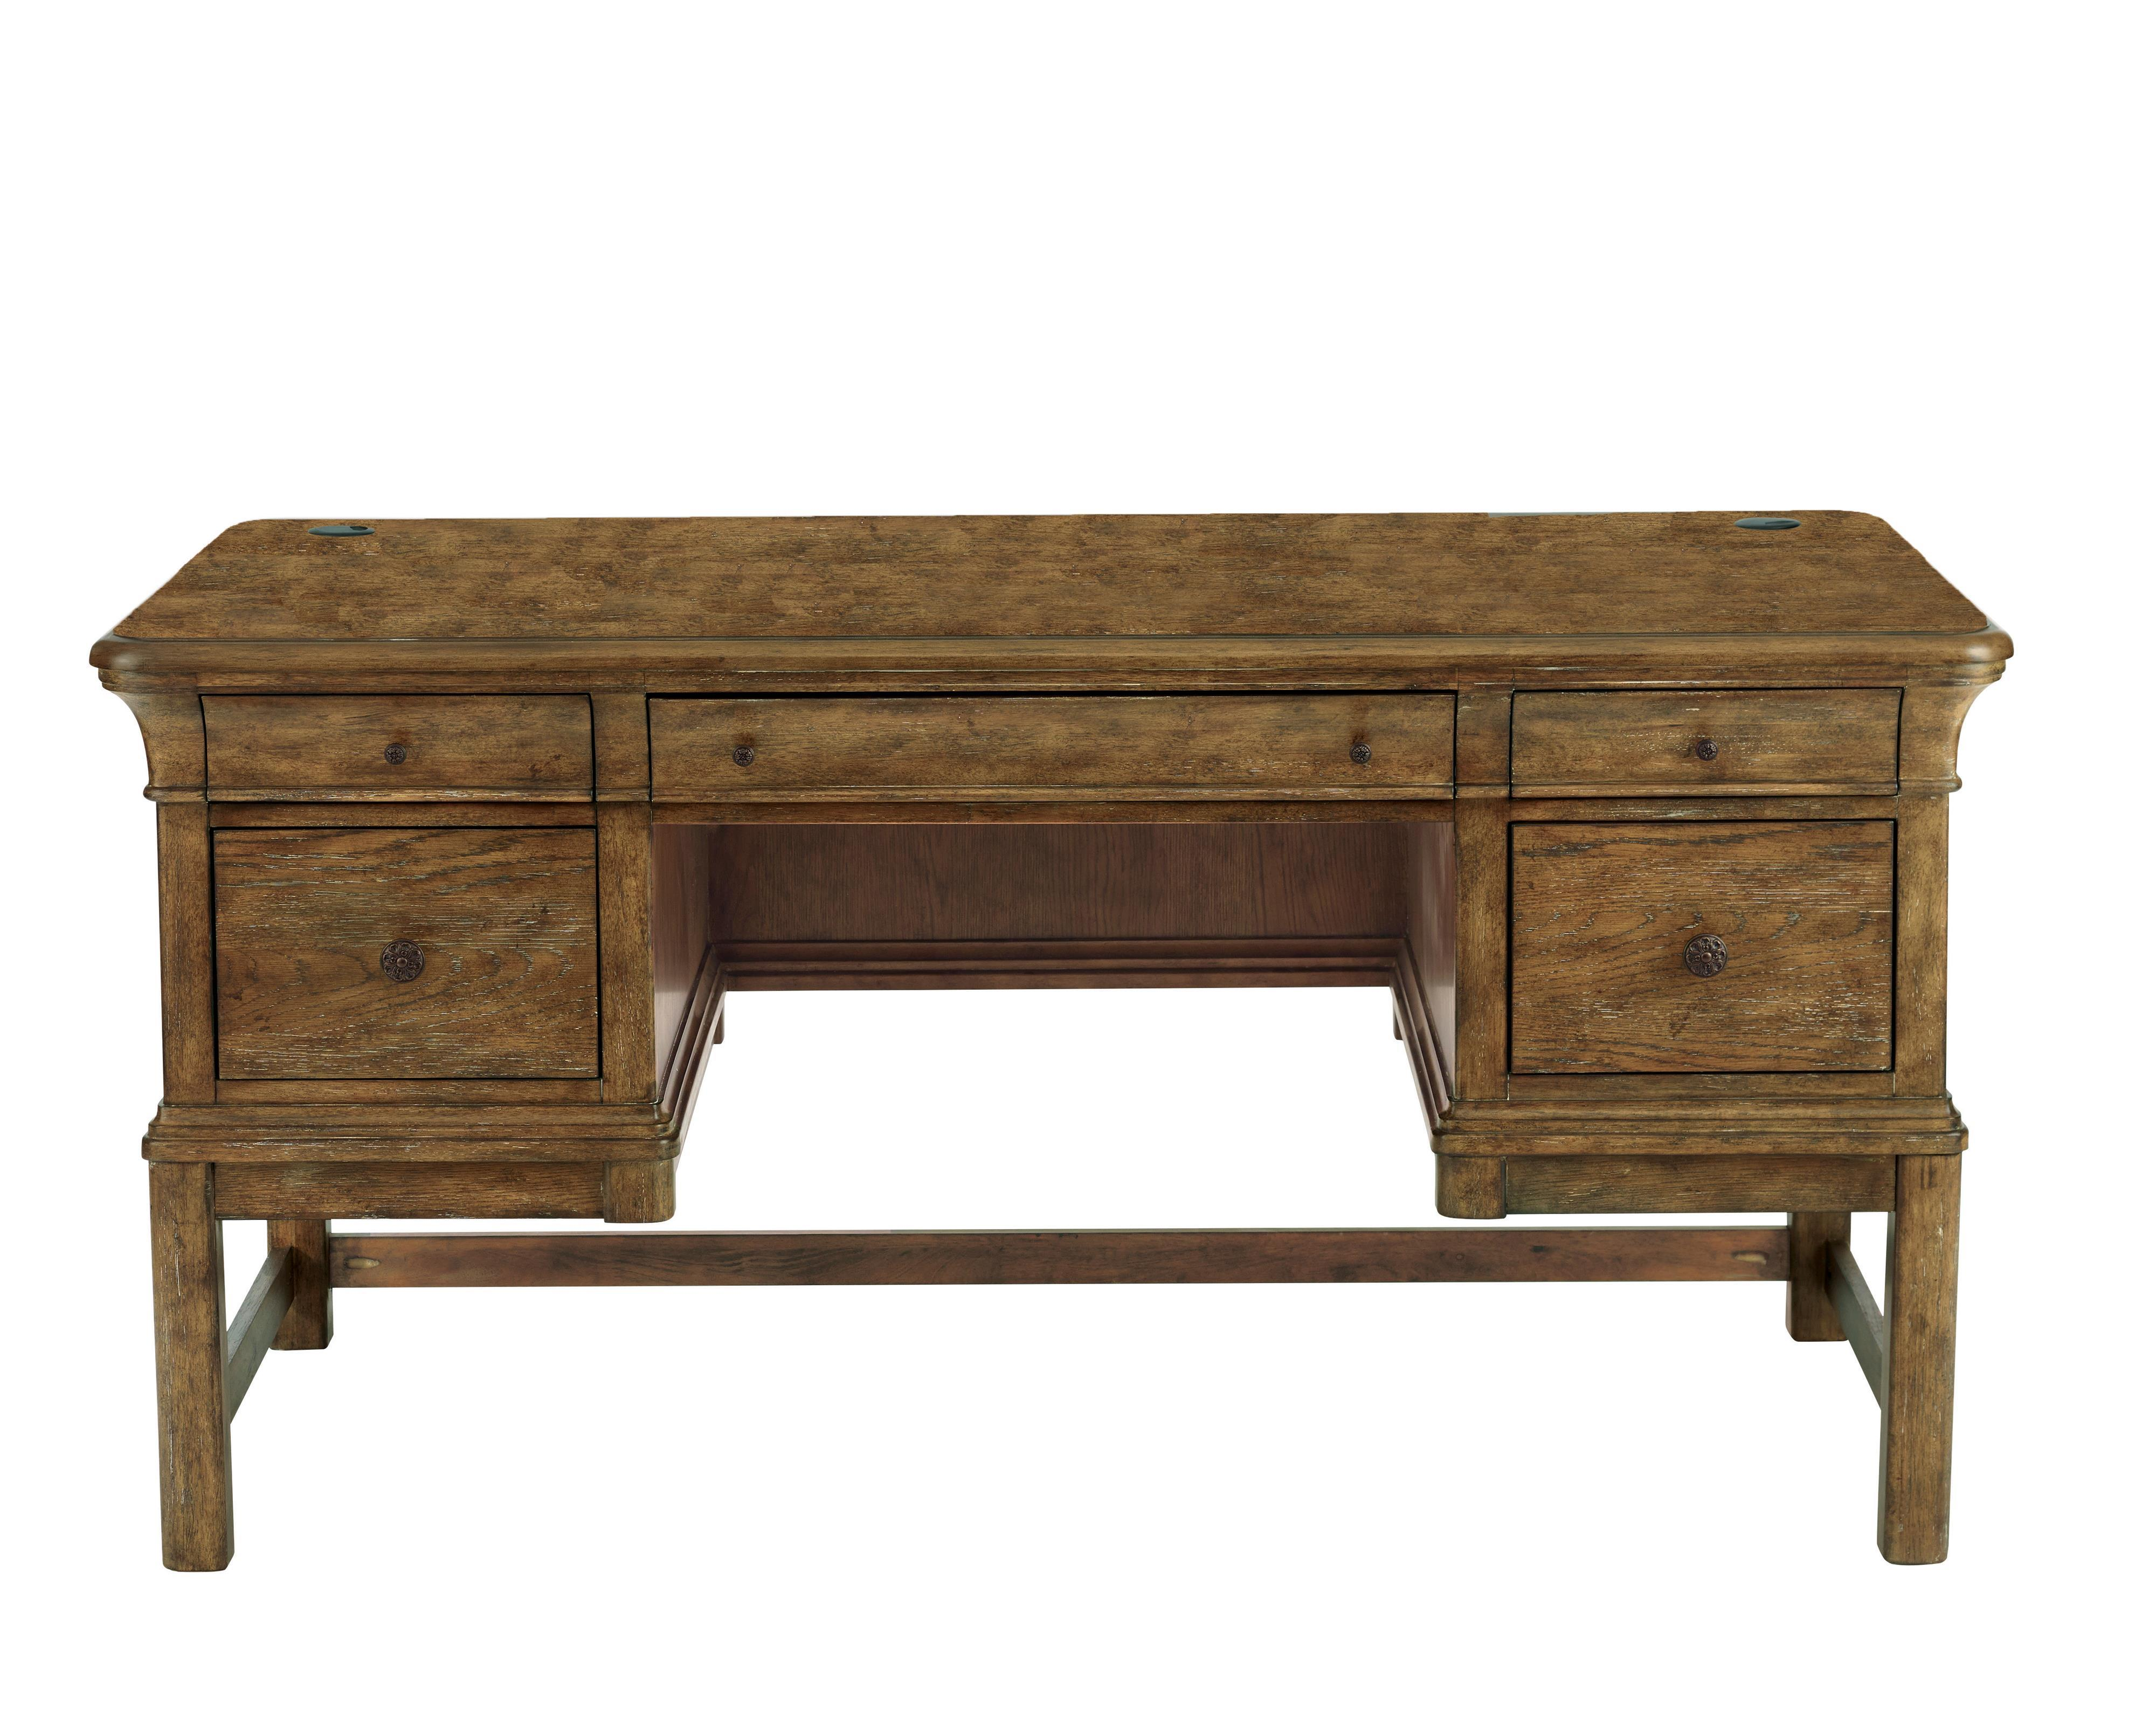 Belfort Select Virginia Mill Leg Desk - Item Number: 8854-912